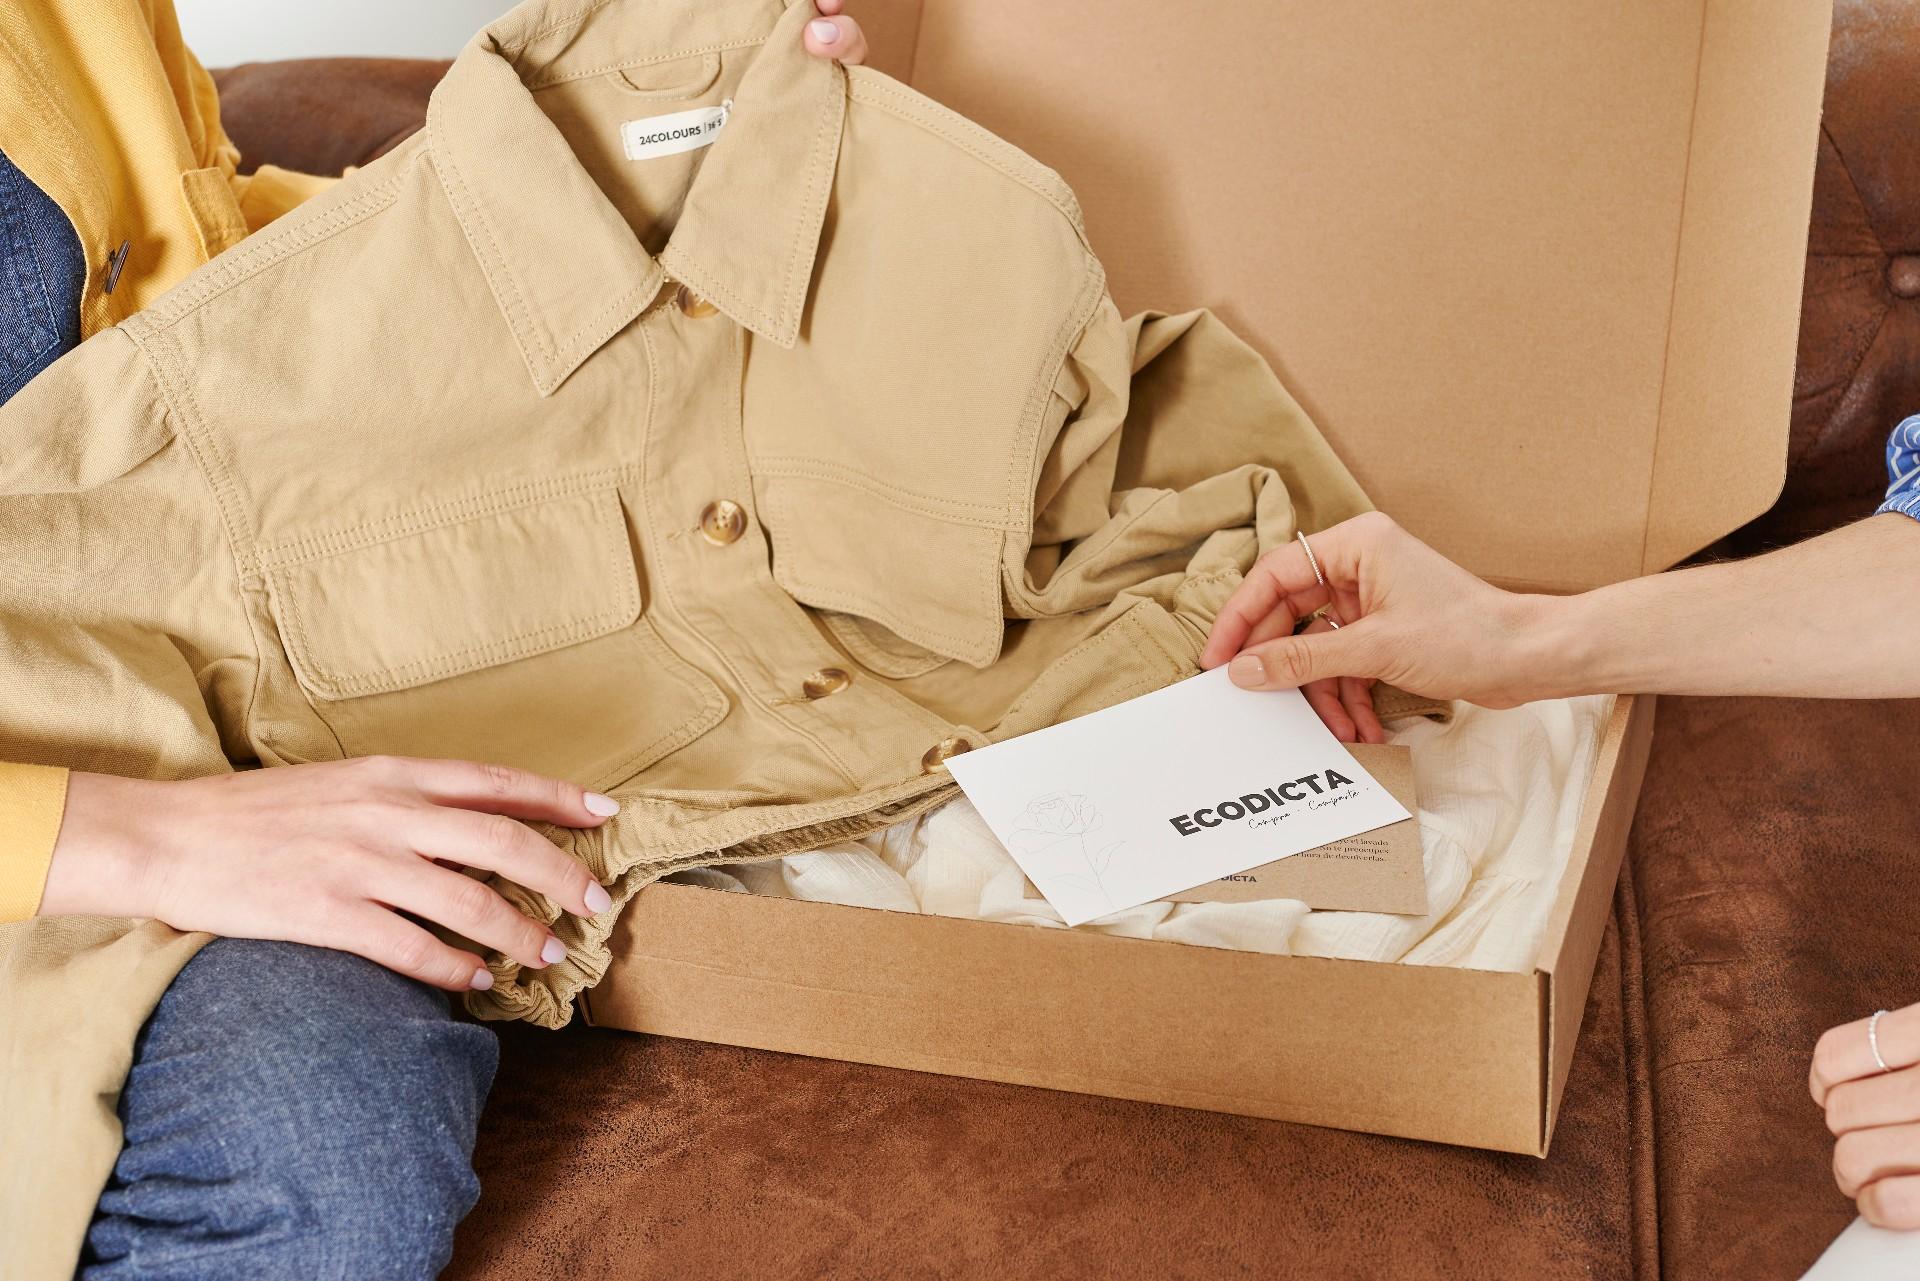 Caja mensual con suscripción - Foto Ecodicta